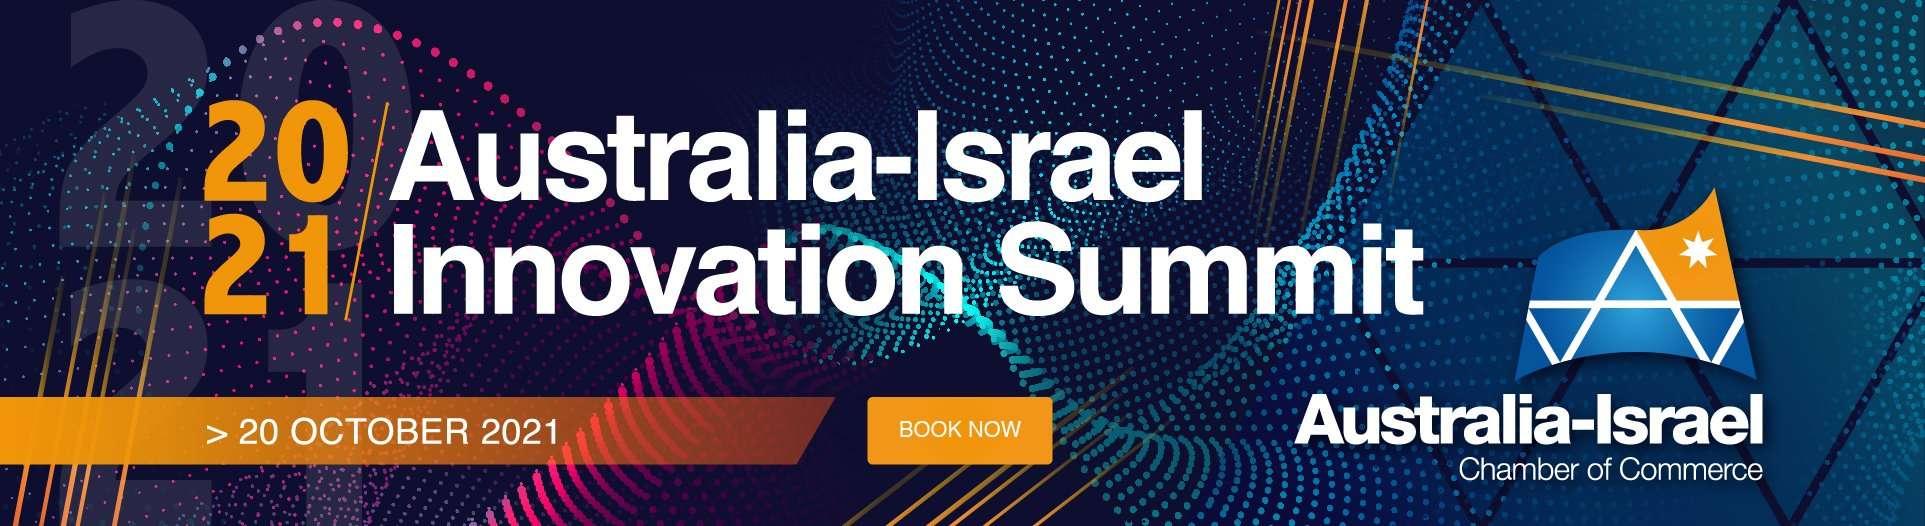 Australia-Israel Innovation Summit